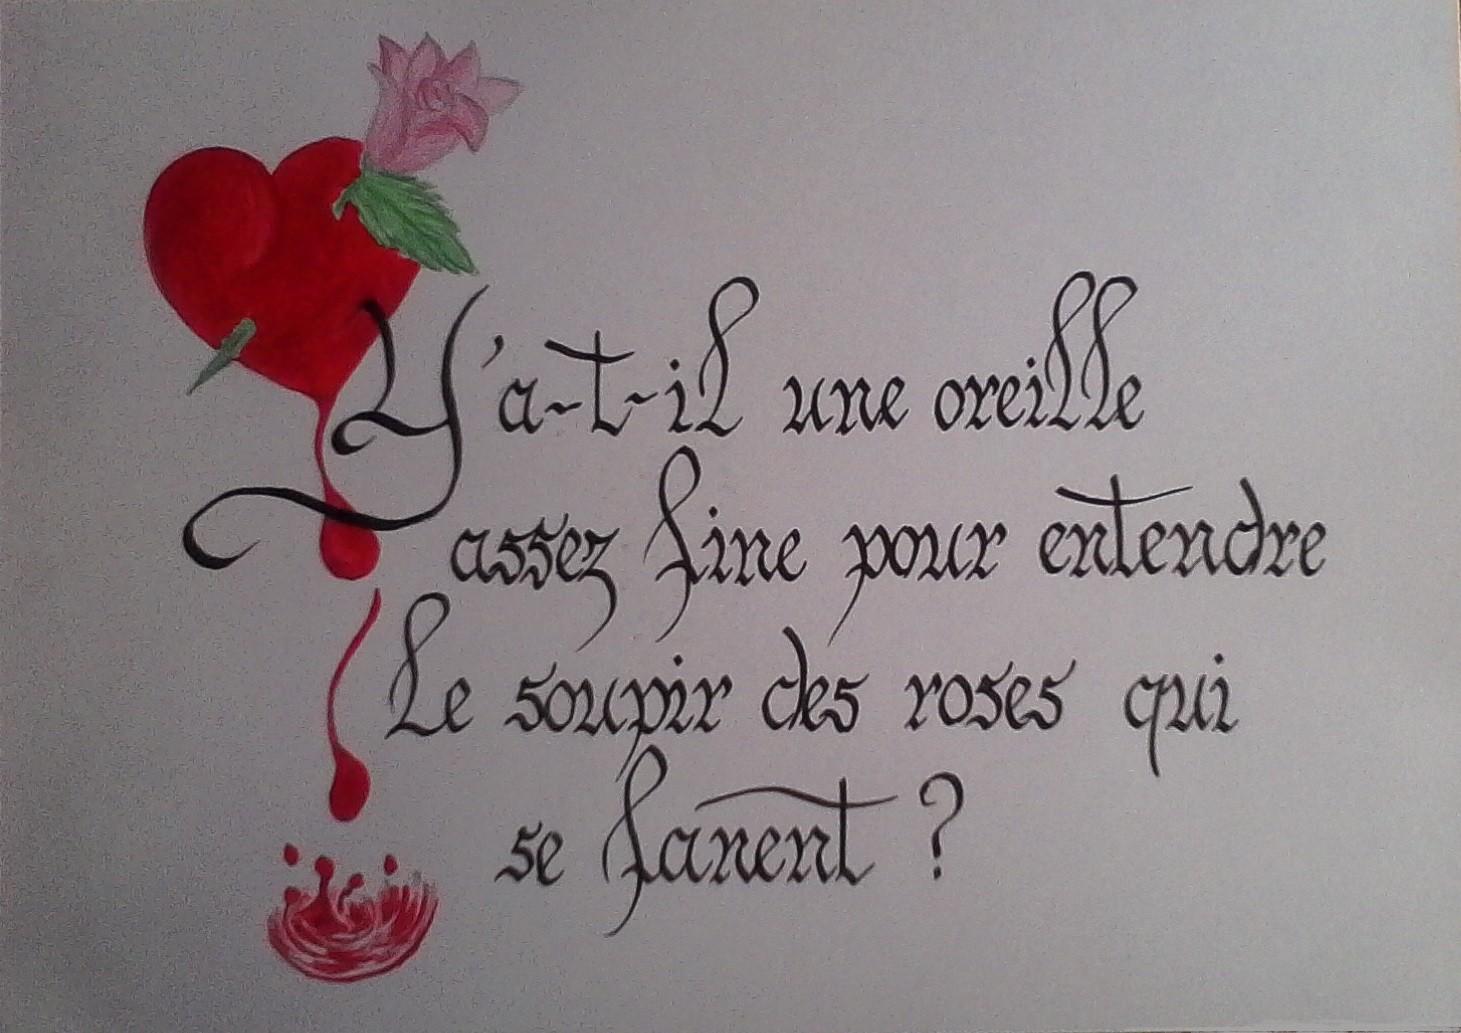 le soupir des roses